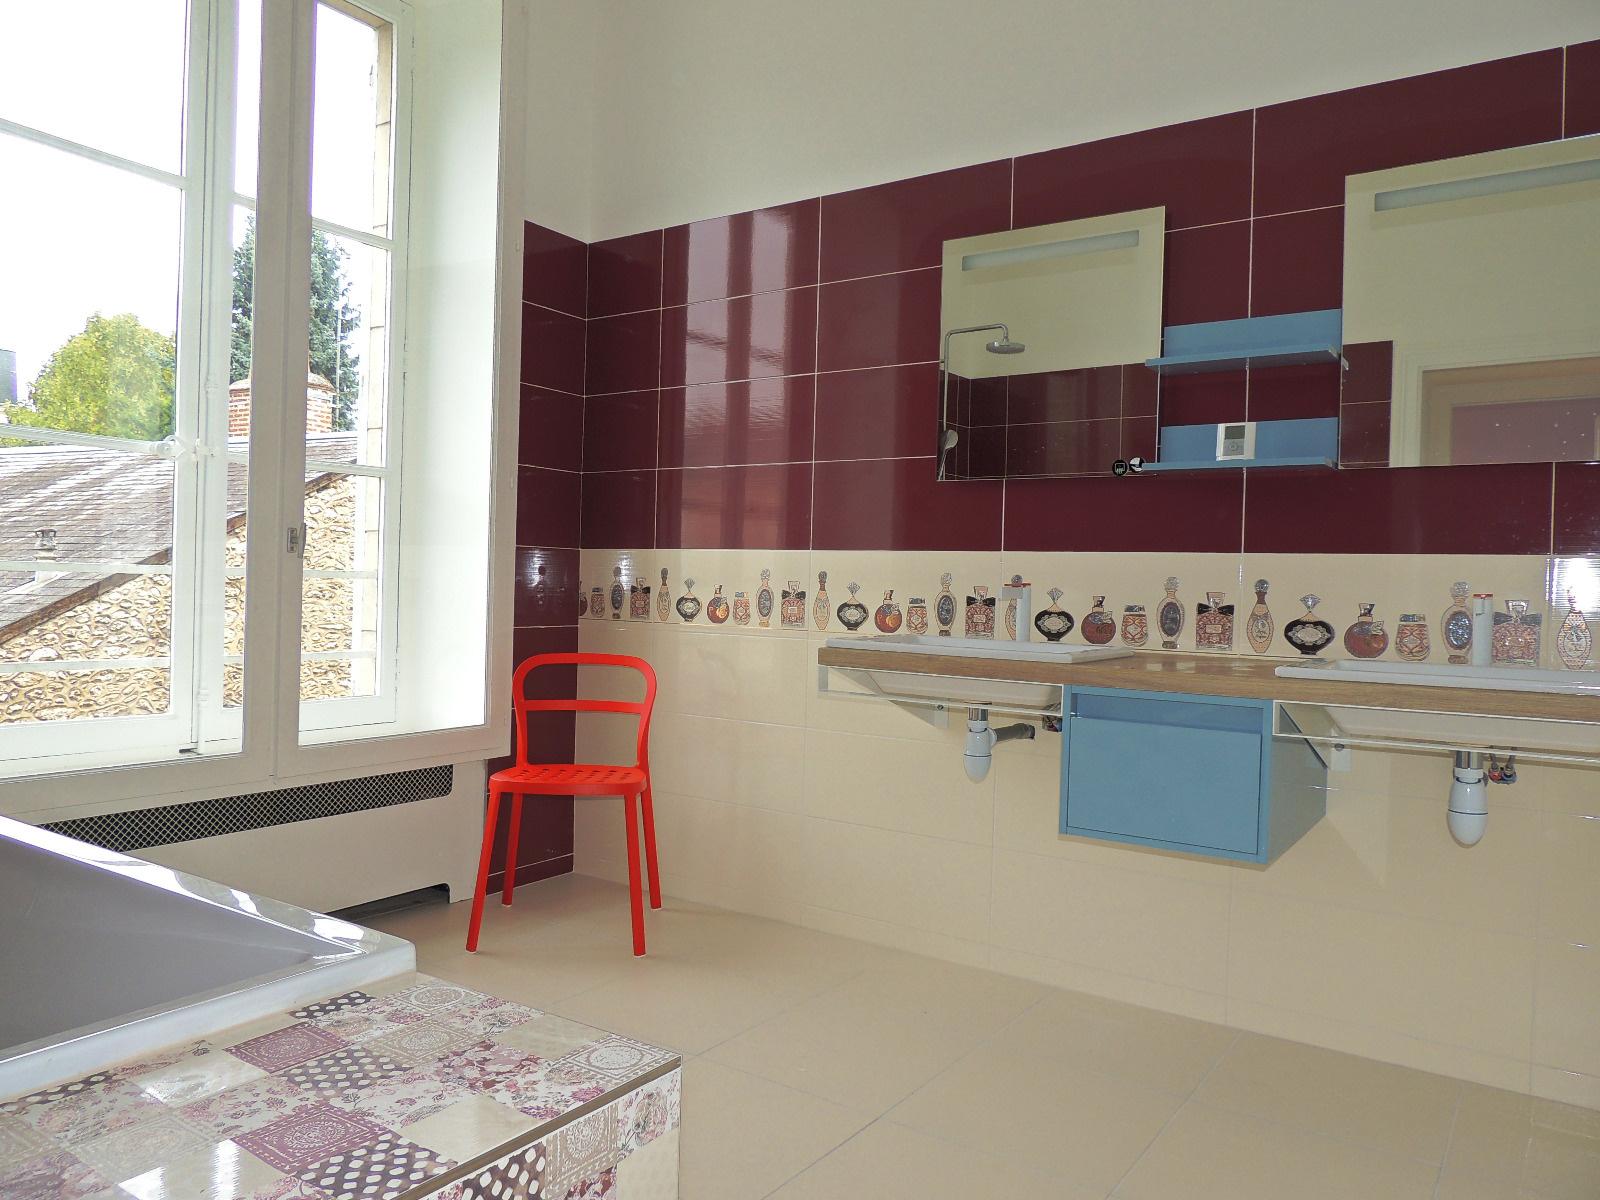 vente blois quartier des coles ravissante maison bourgeoise. Black Bedroom Furniture Sets. Home Design Ideas